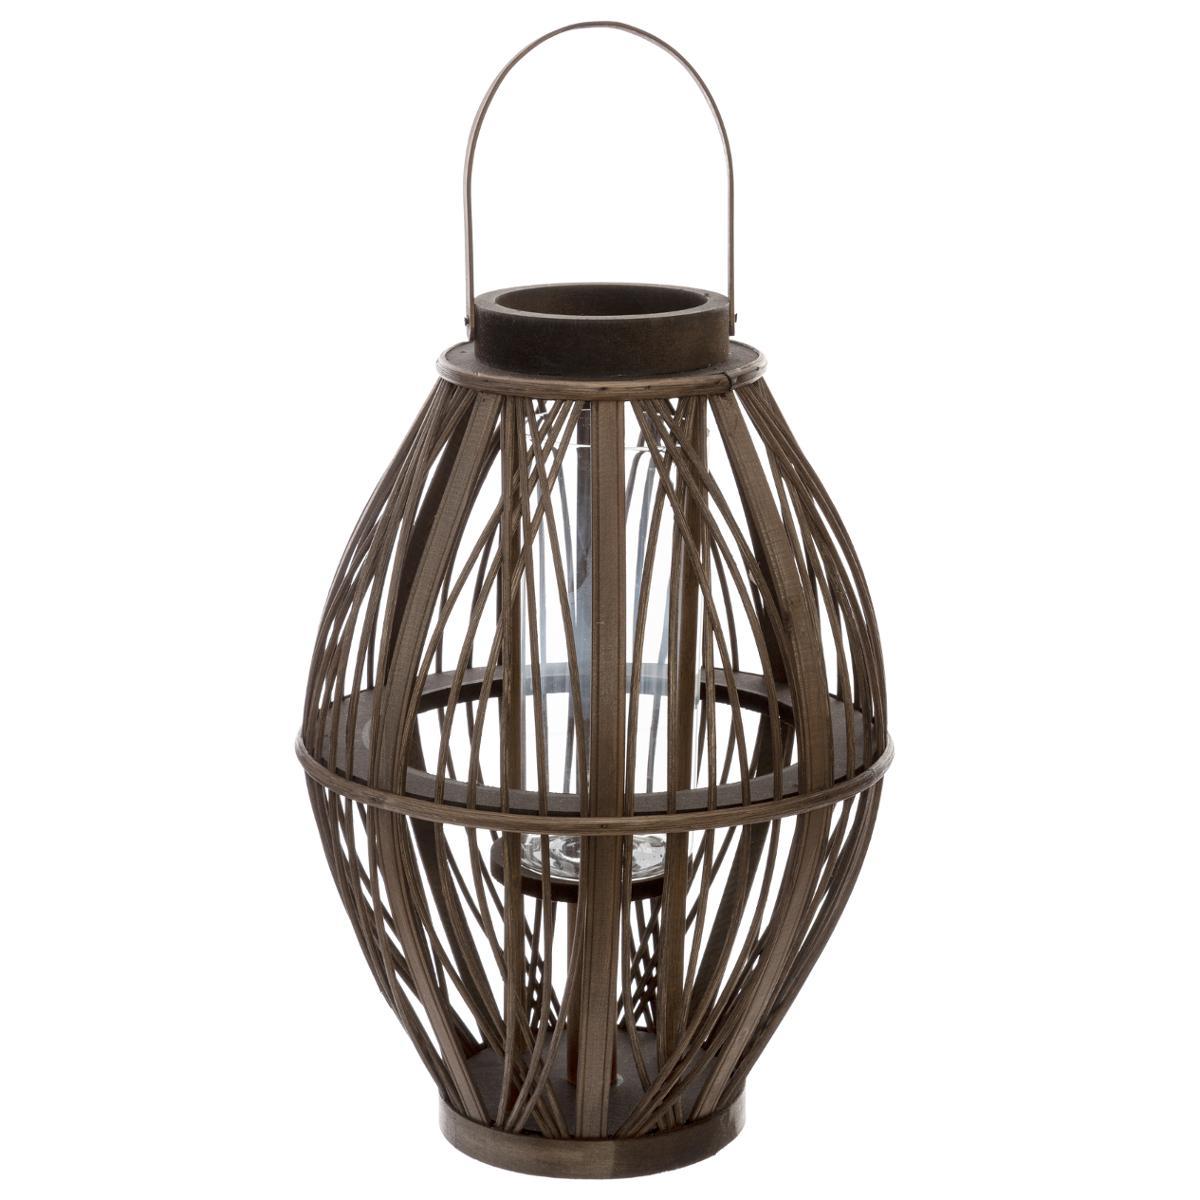 Lanterne Tressée Brun D. 27,5 x H. 39 cm